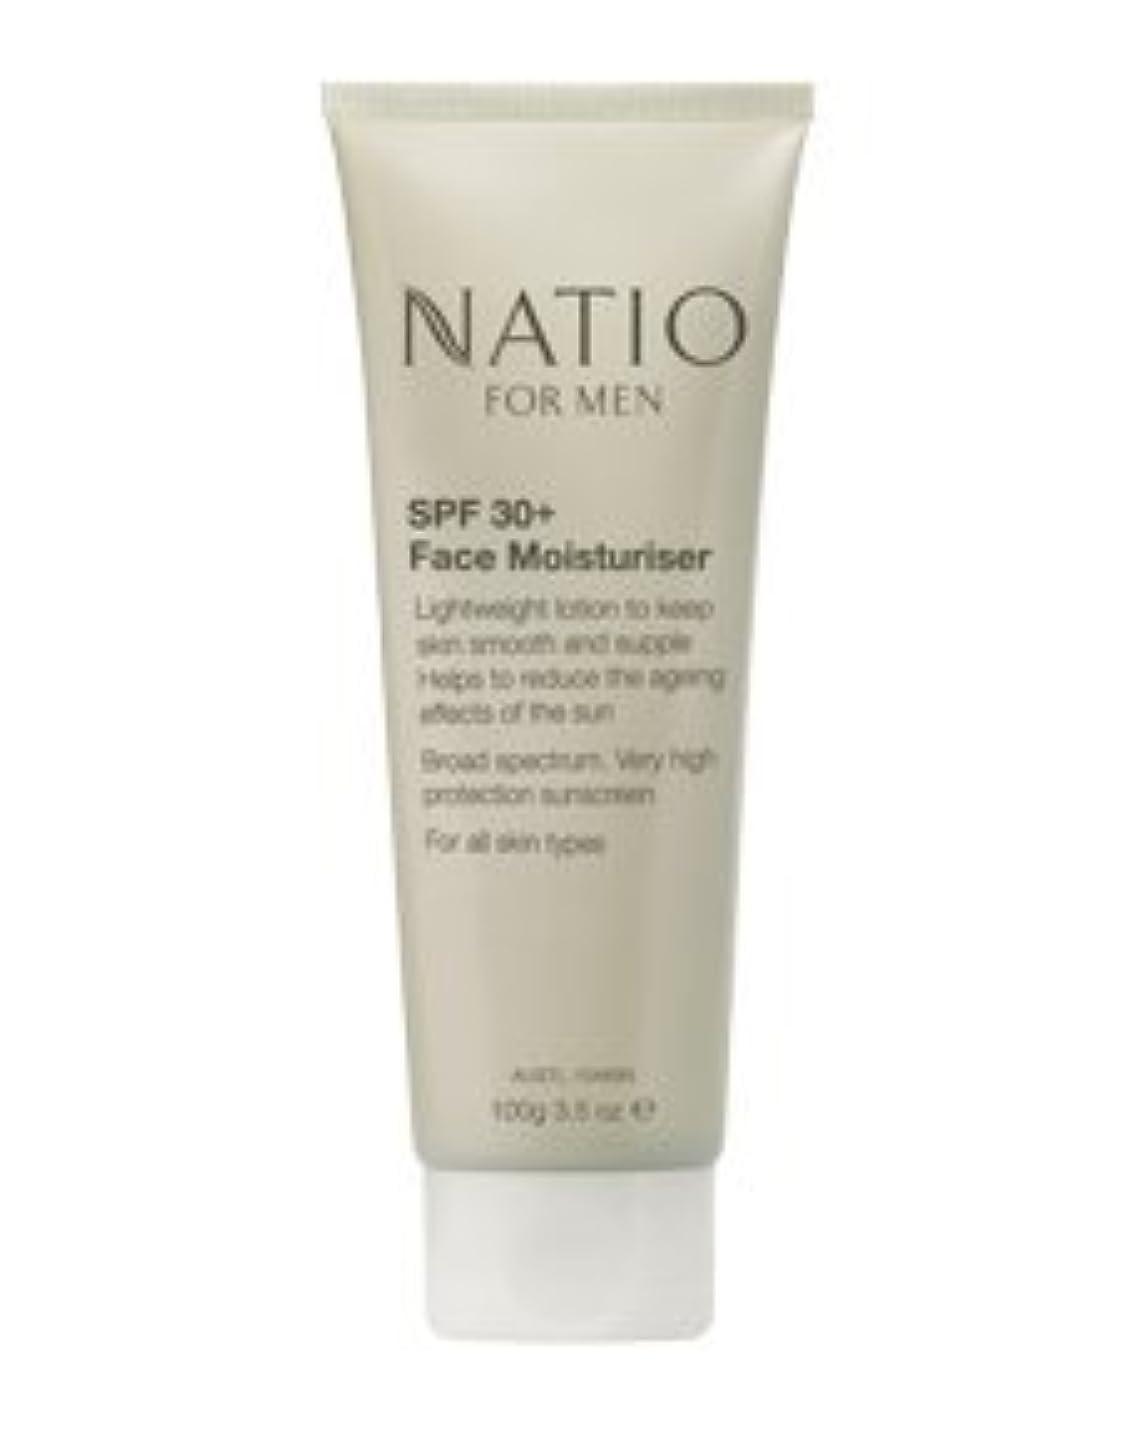 タイピストホイール出会い【NATIO FOR MEN SPF 30+ Face Moisturiser】 ナティオ  SPF 30+ フェイス モイスチャライザー [海外直送品]